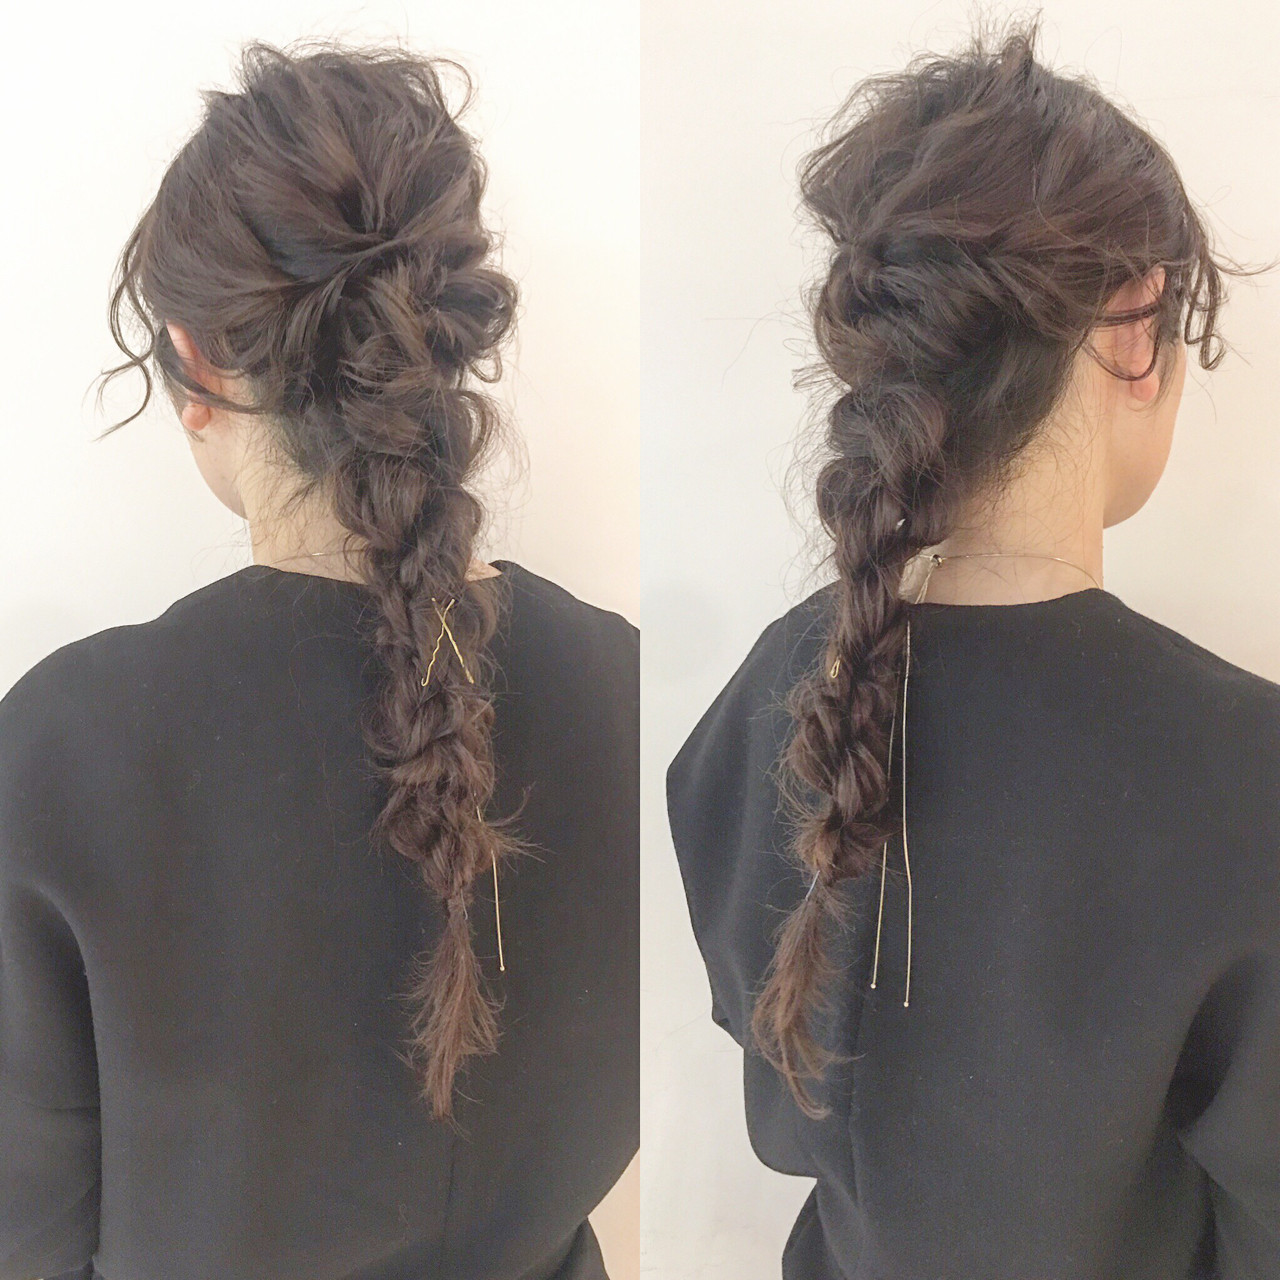 ヘアアレンジ 大人女子 ロング 小顔 ヘアスタイルや髪型の写真・画像